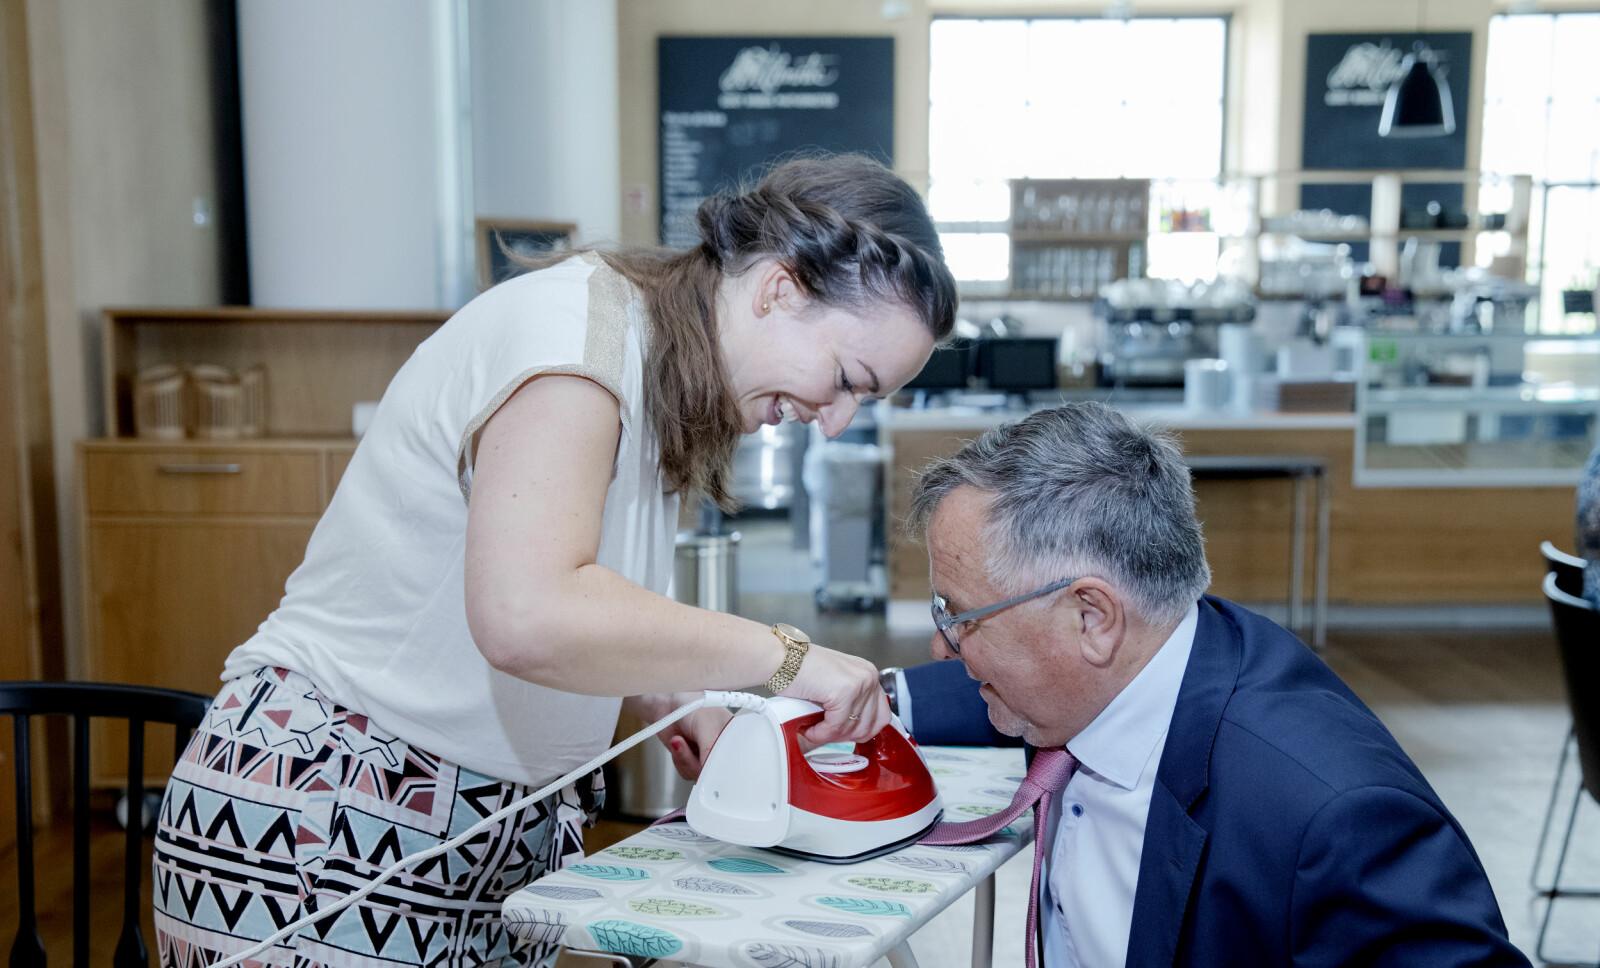 Laurice-Solveig Majlaton Høie utøver allsidige støttefunksjoner for universitetsdirektøren. I juni strøk hun UiB-slipset før fotografering.